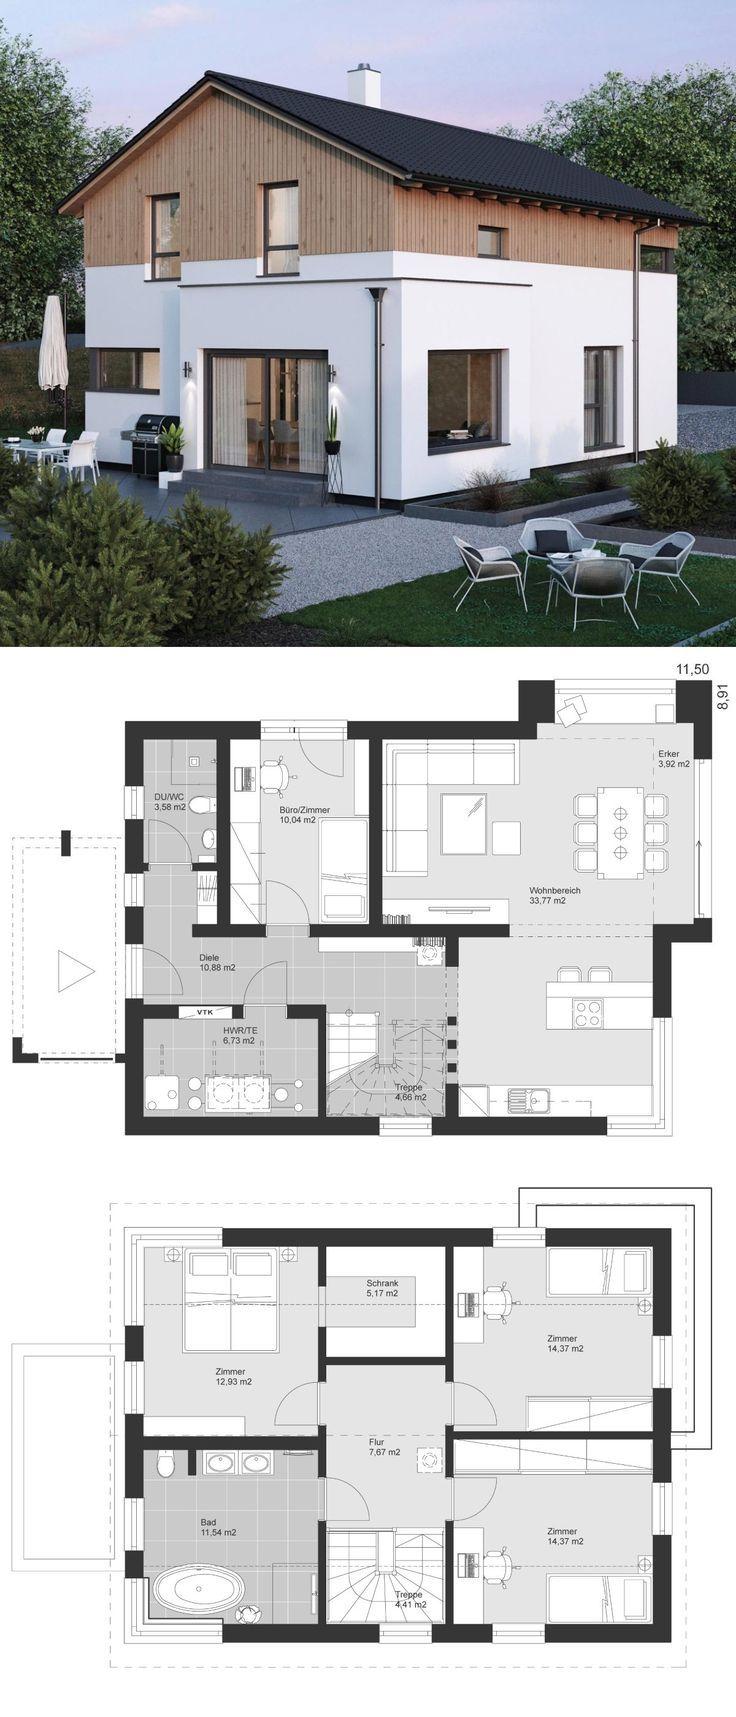 Einfamilienhaus modern im Landhausstil Grundrisse mit Satteldach Baukunst, Er…